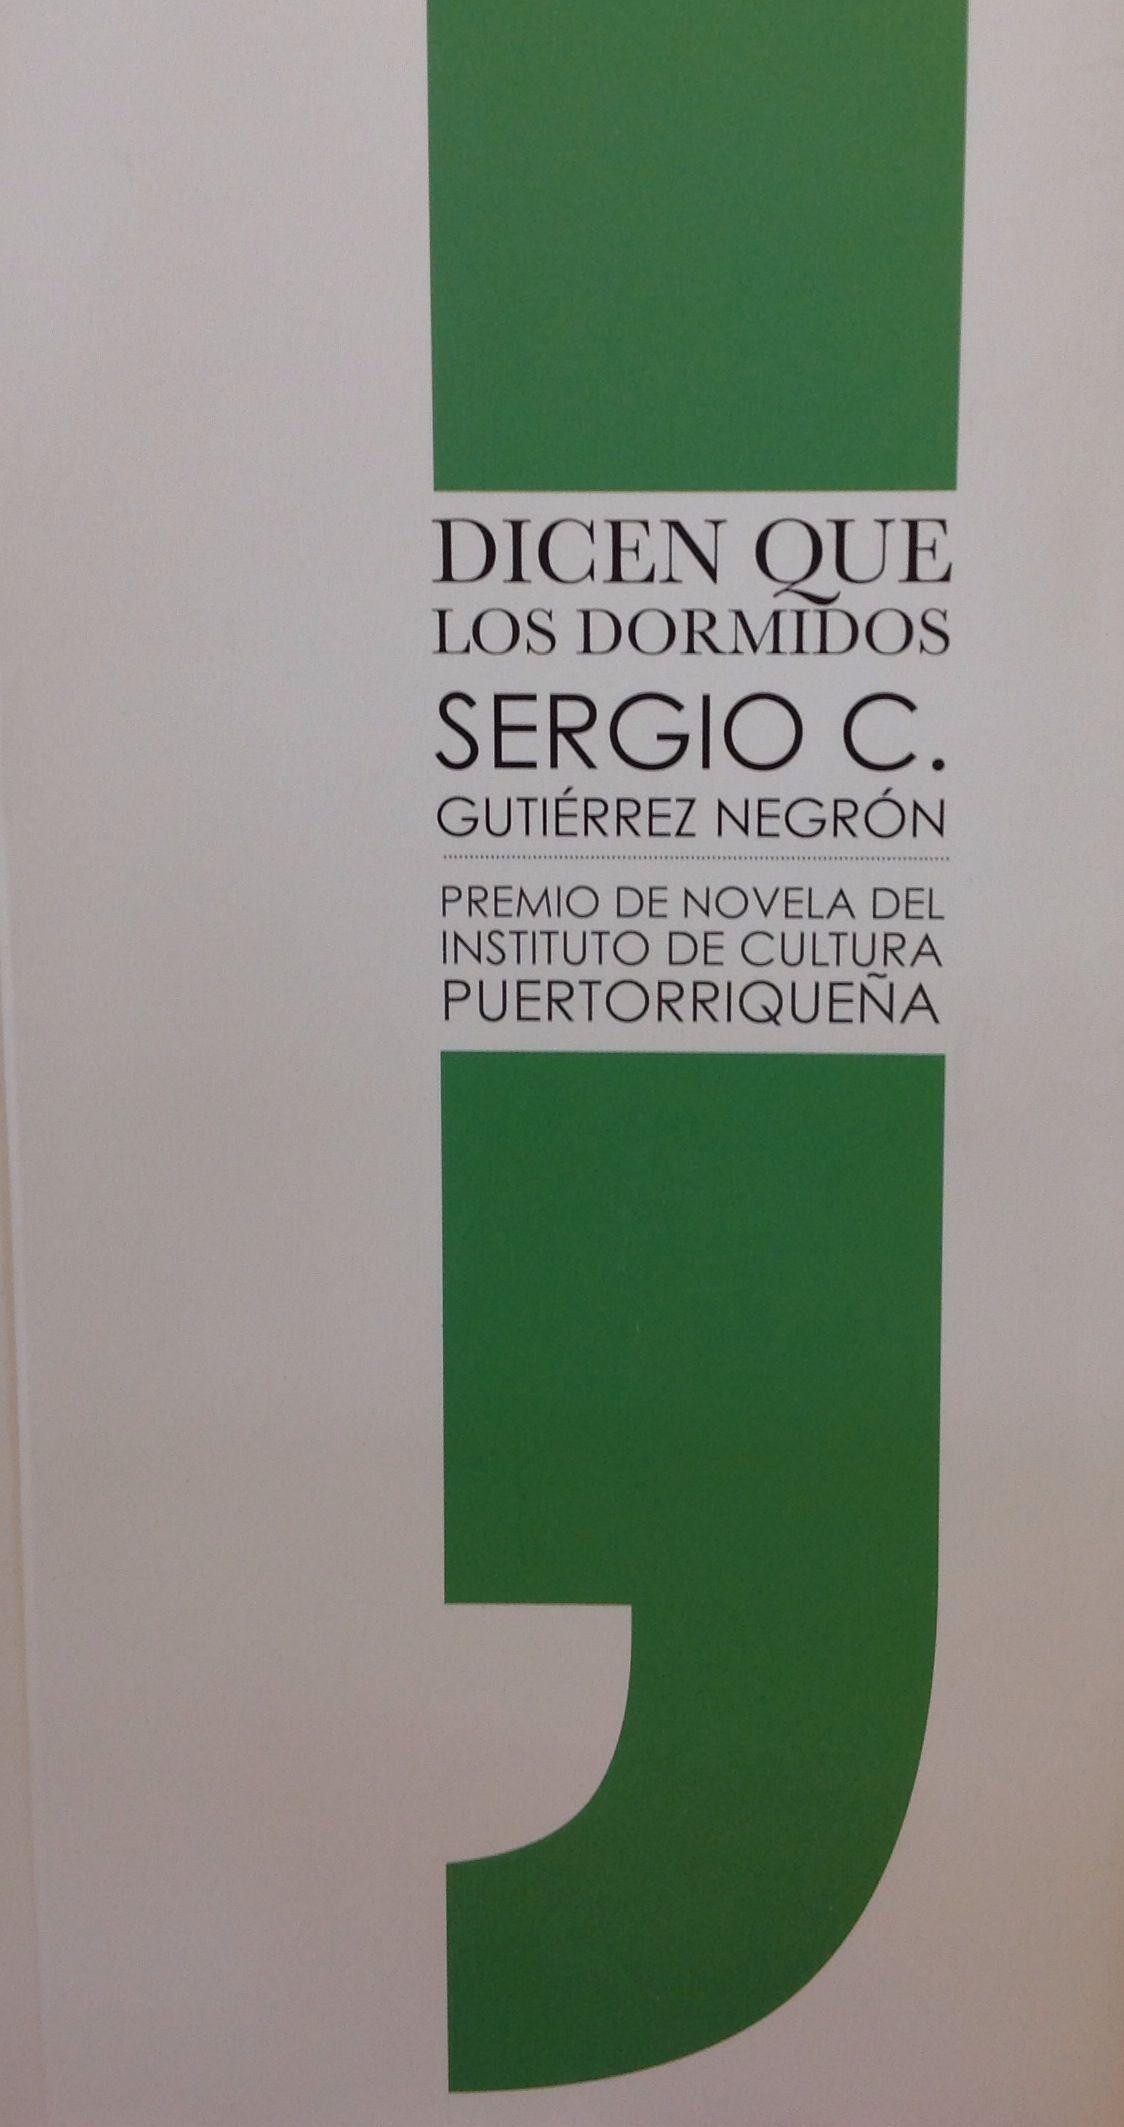 Dicen Que Los Dormidos Sergio C Gutierrez Negron Recomendado Por A Rodriguez Y J J Roriguez